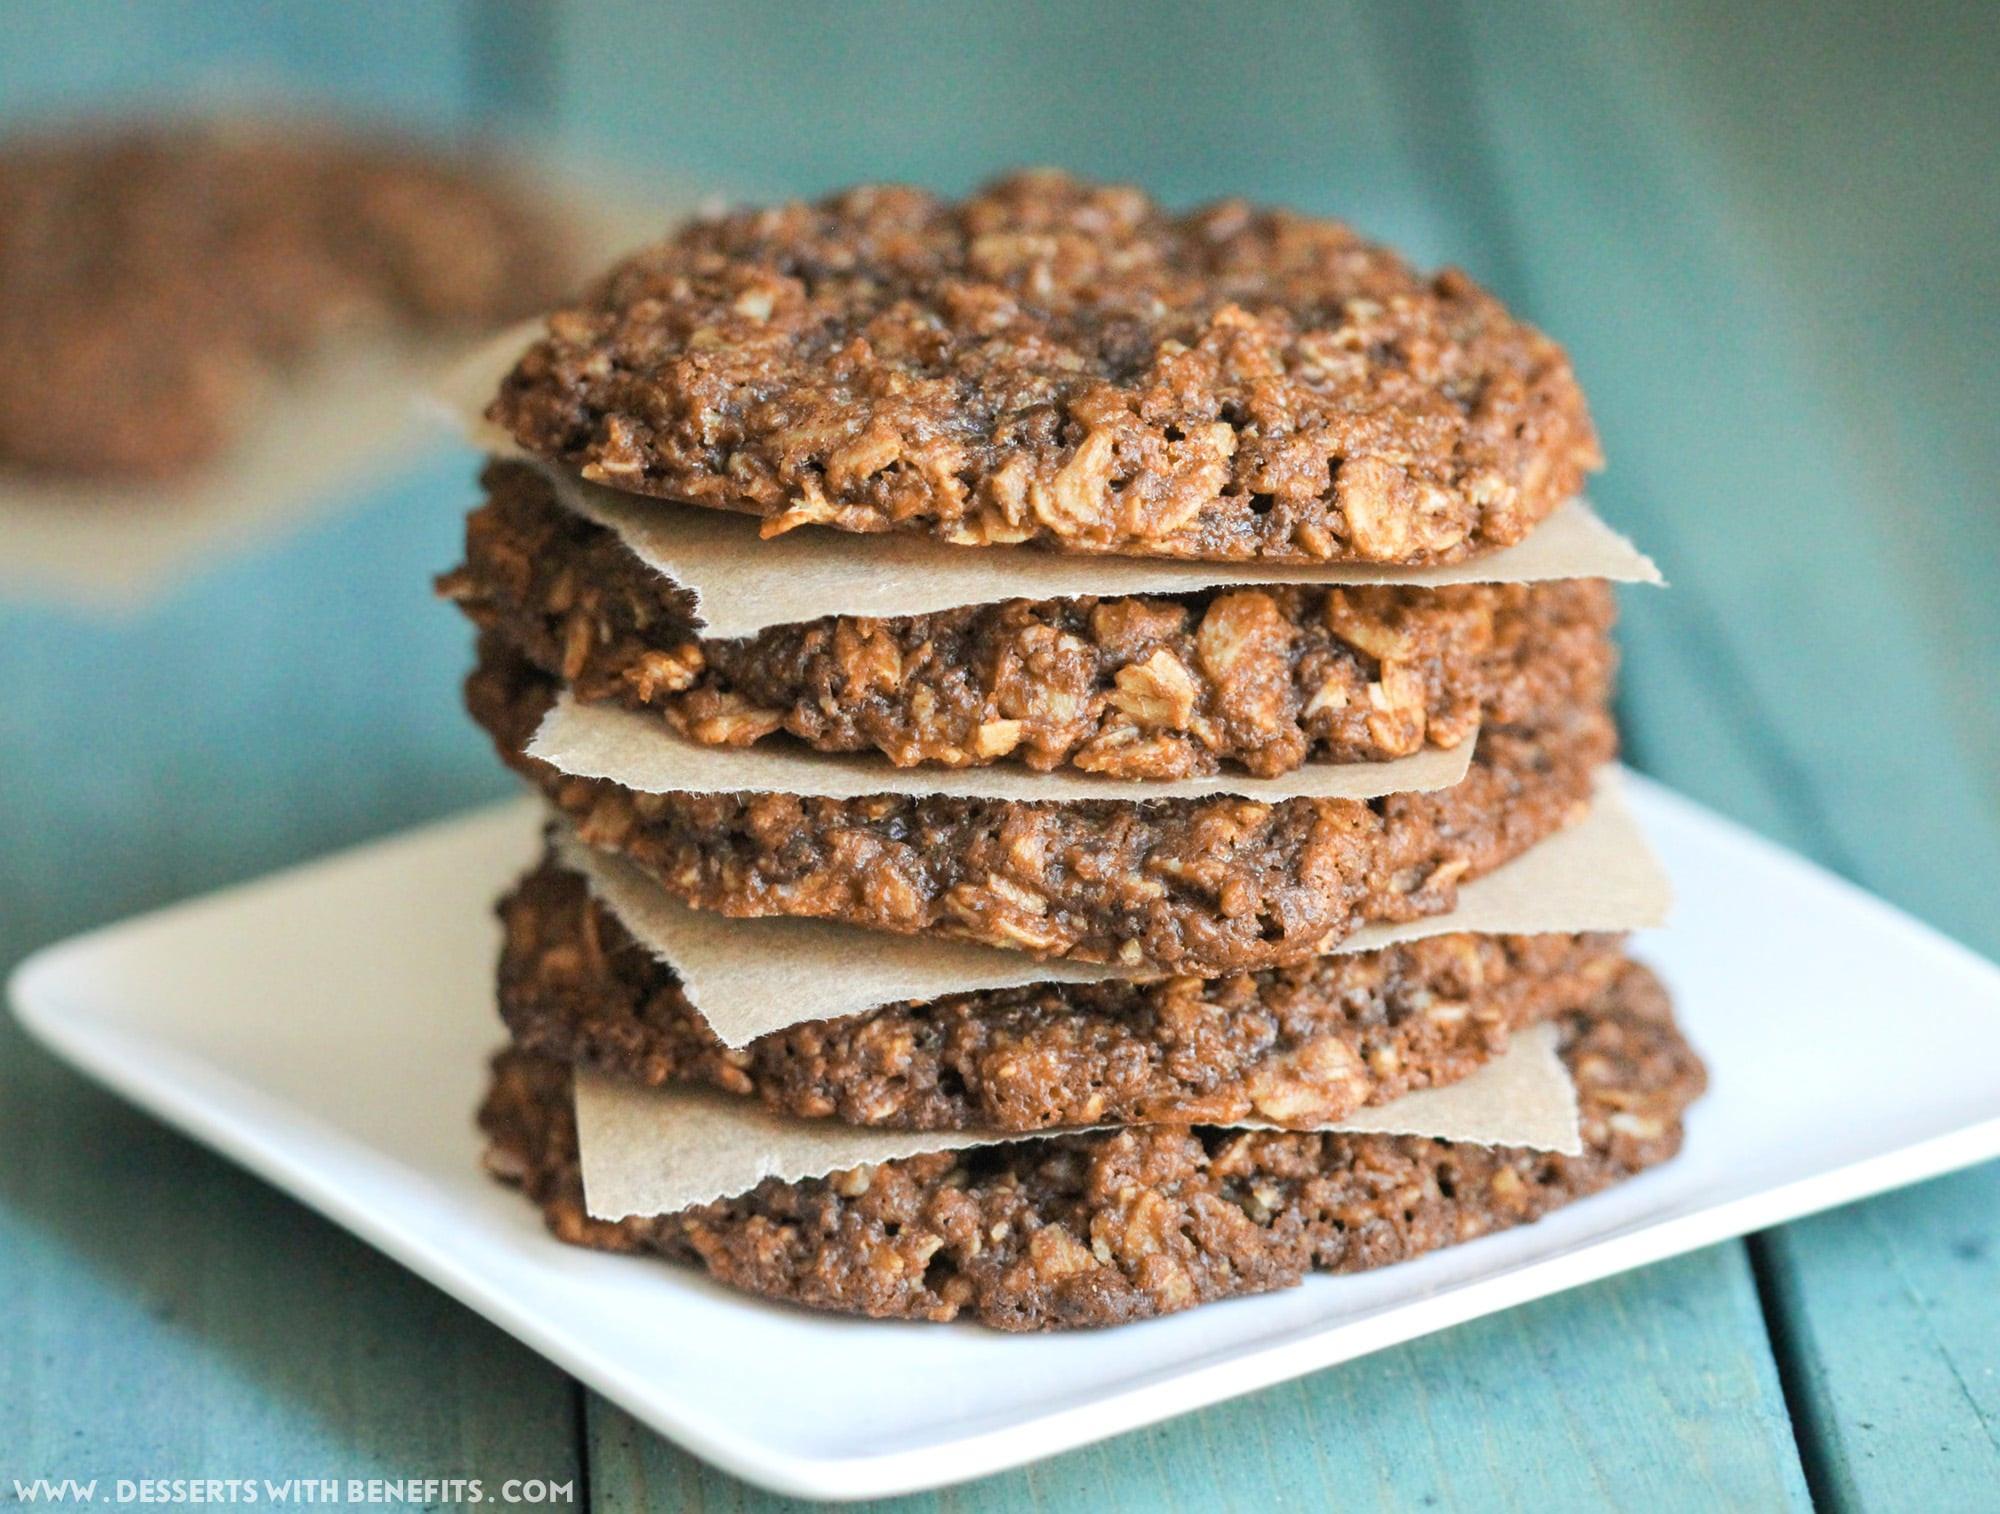 Healthy Peanut Butter Oatmeal Cookies Recipe  Healthy Chewy Peanut Butter Oatmeal Cookies recipe gluten